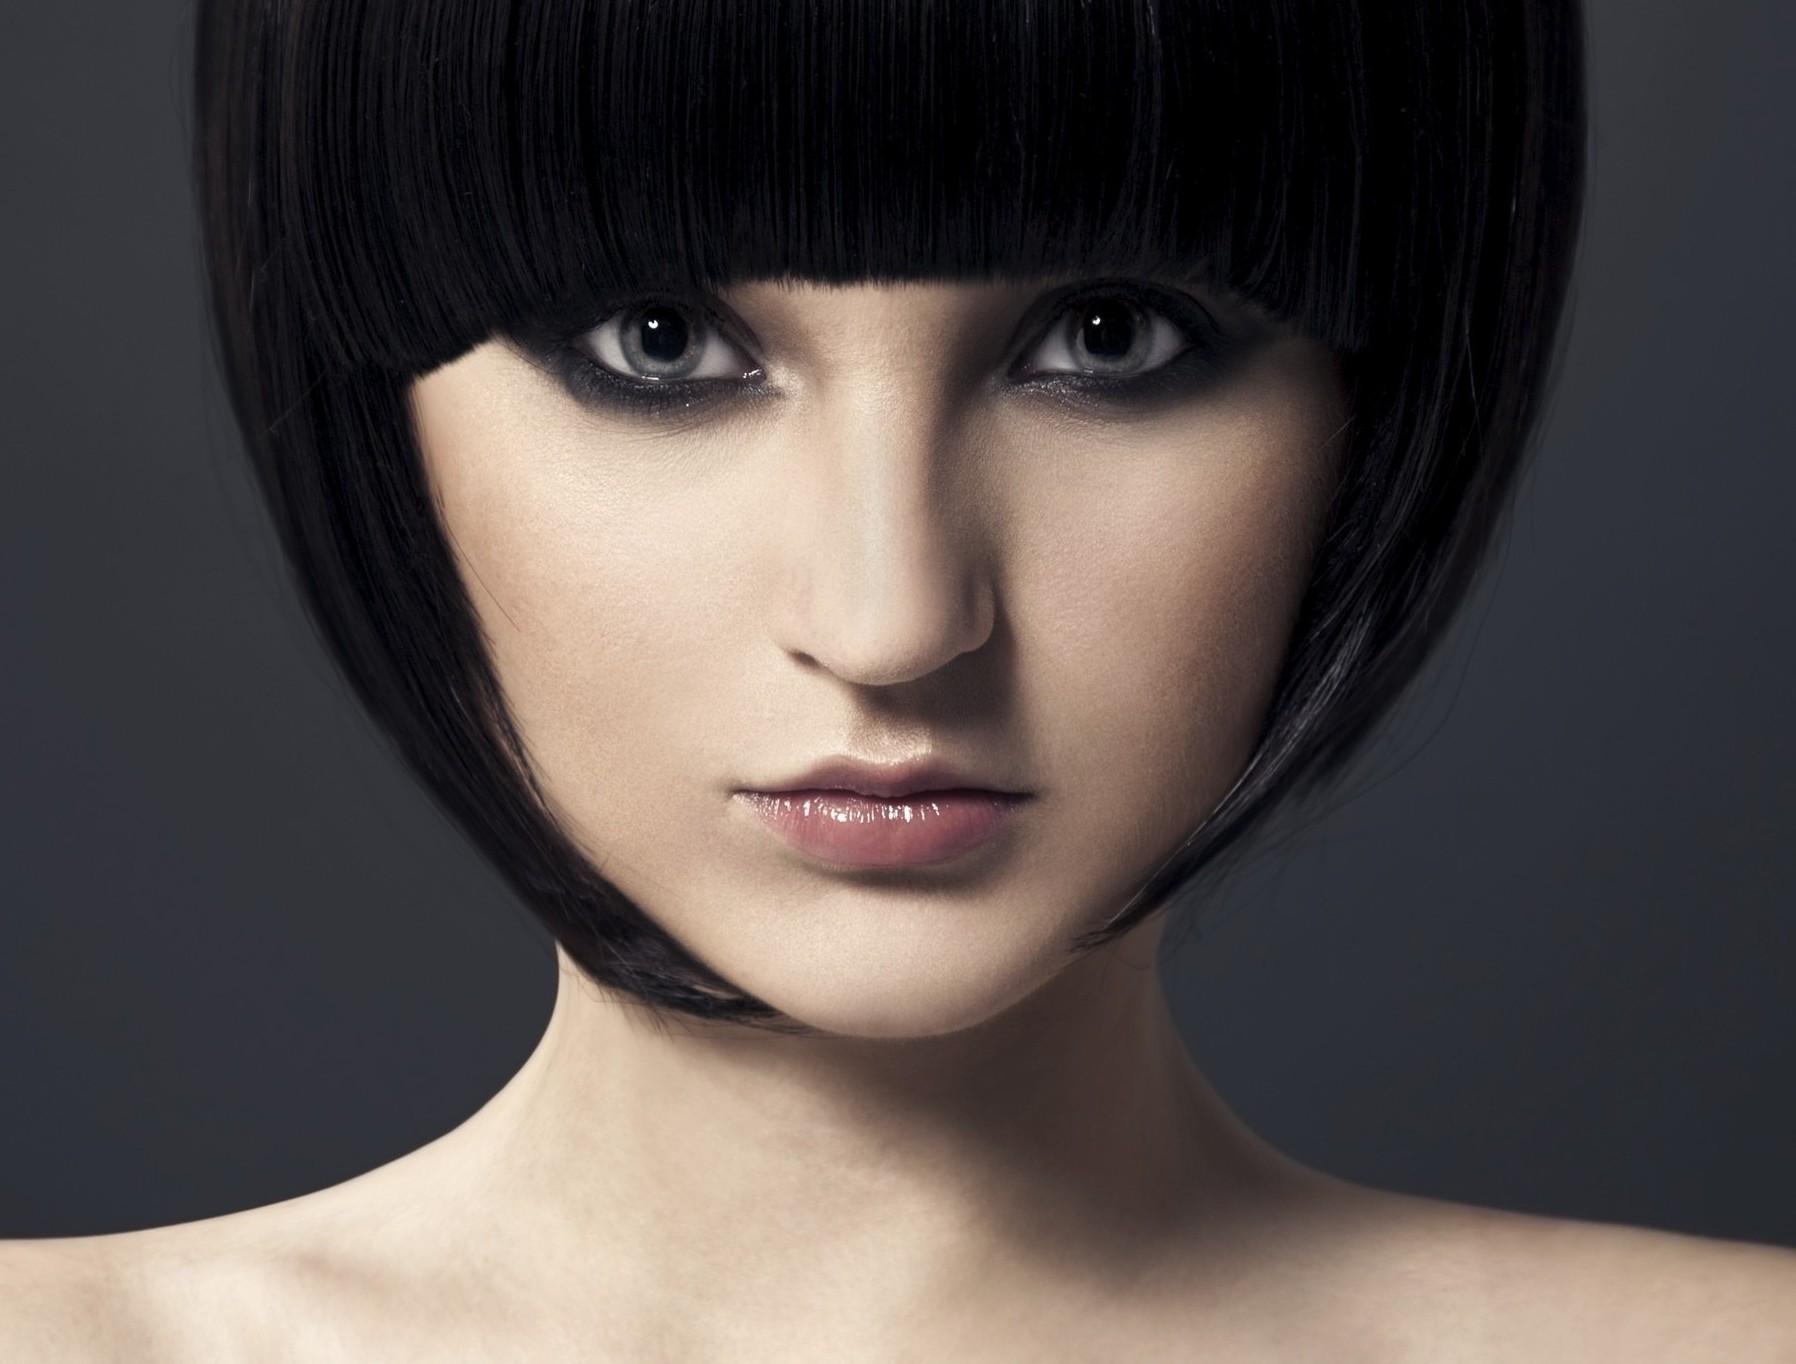 Frisurentest Welche Frisur Passt Zu Mir? Desired De